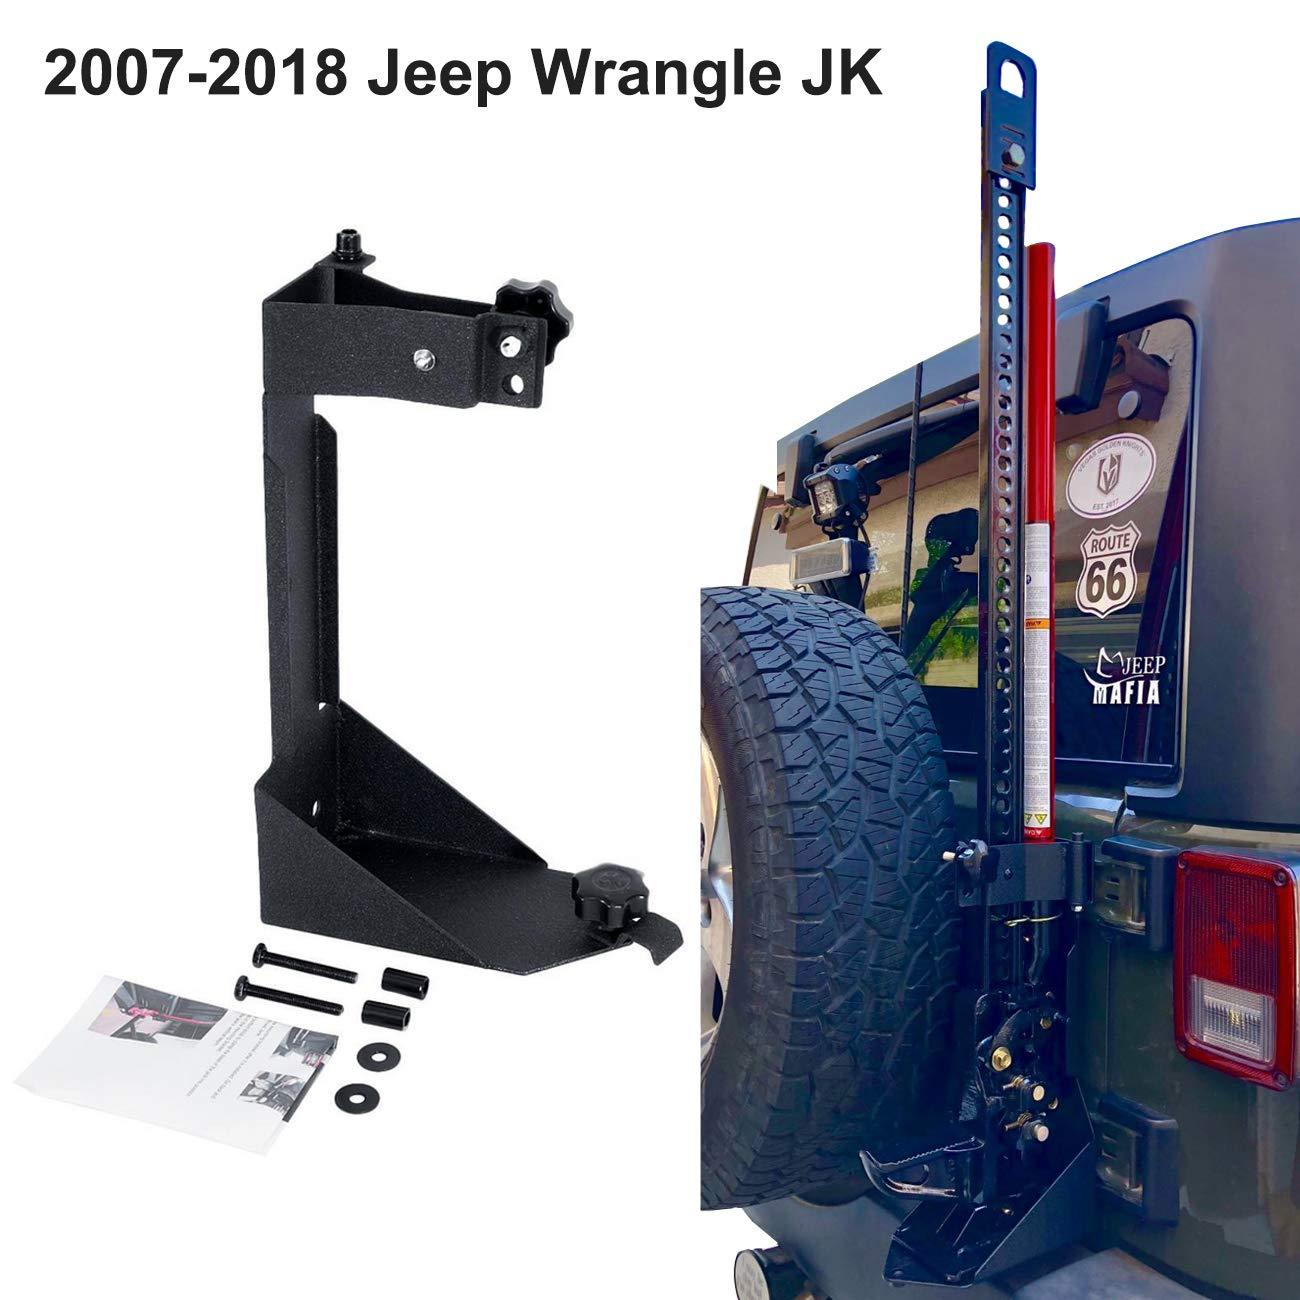 ALAVENTE Off-Road High Lift Jack Mount Spacer Bracket Rear Hi Lift Mounting Kit for Jeep Wrangler JK 2007-2018